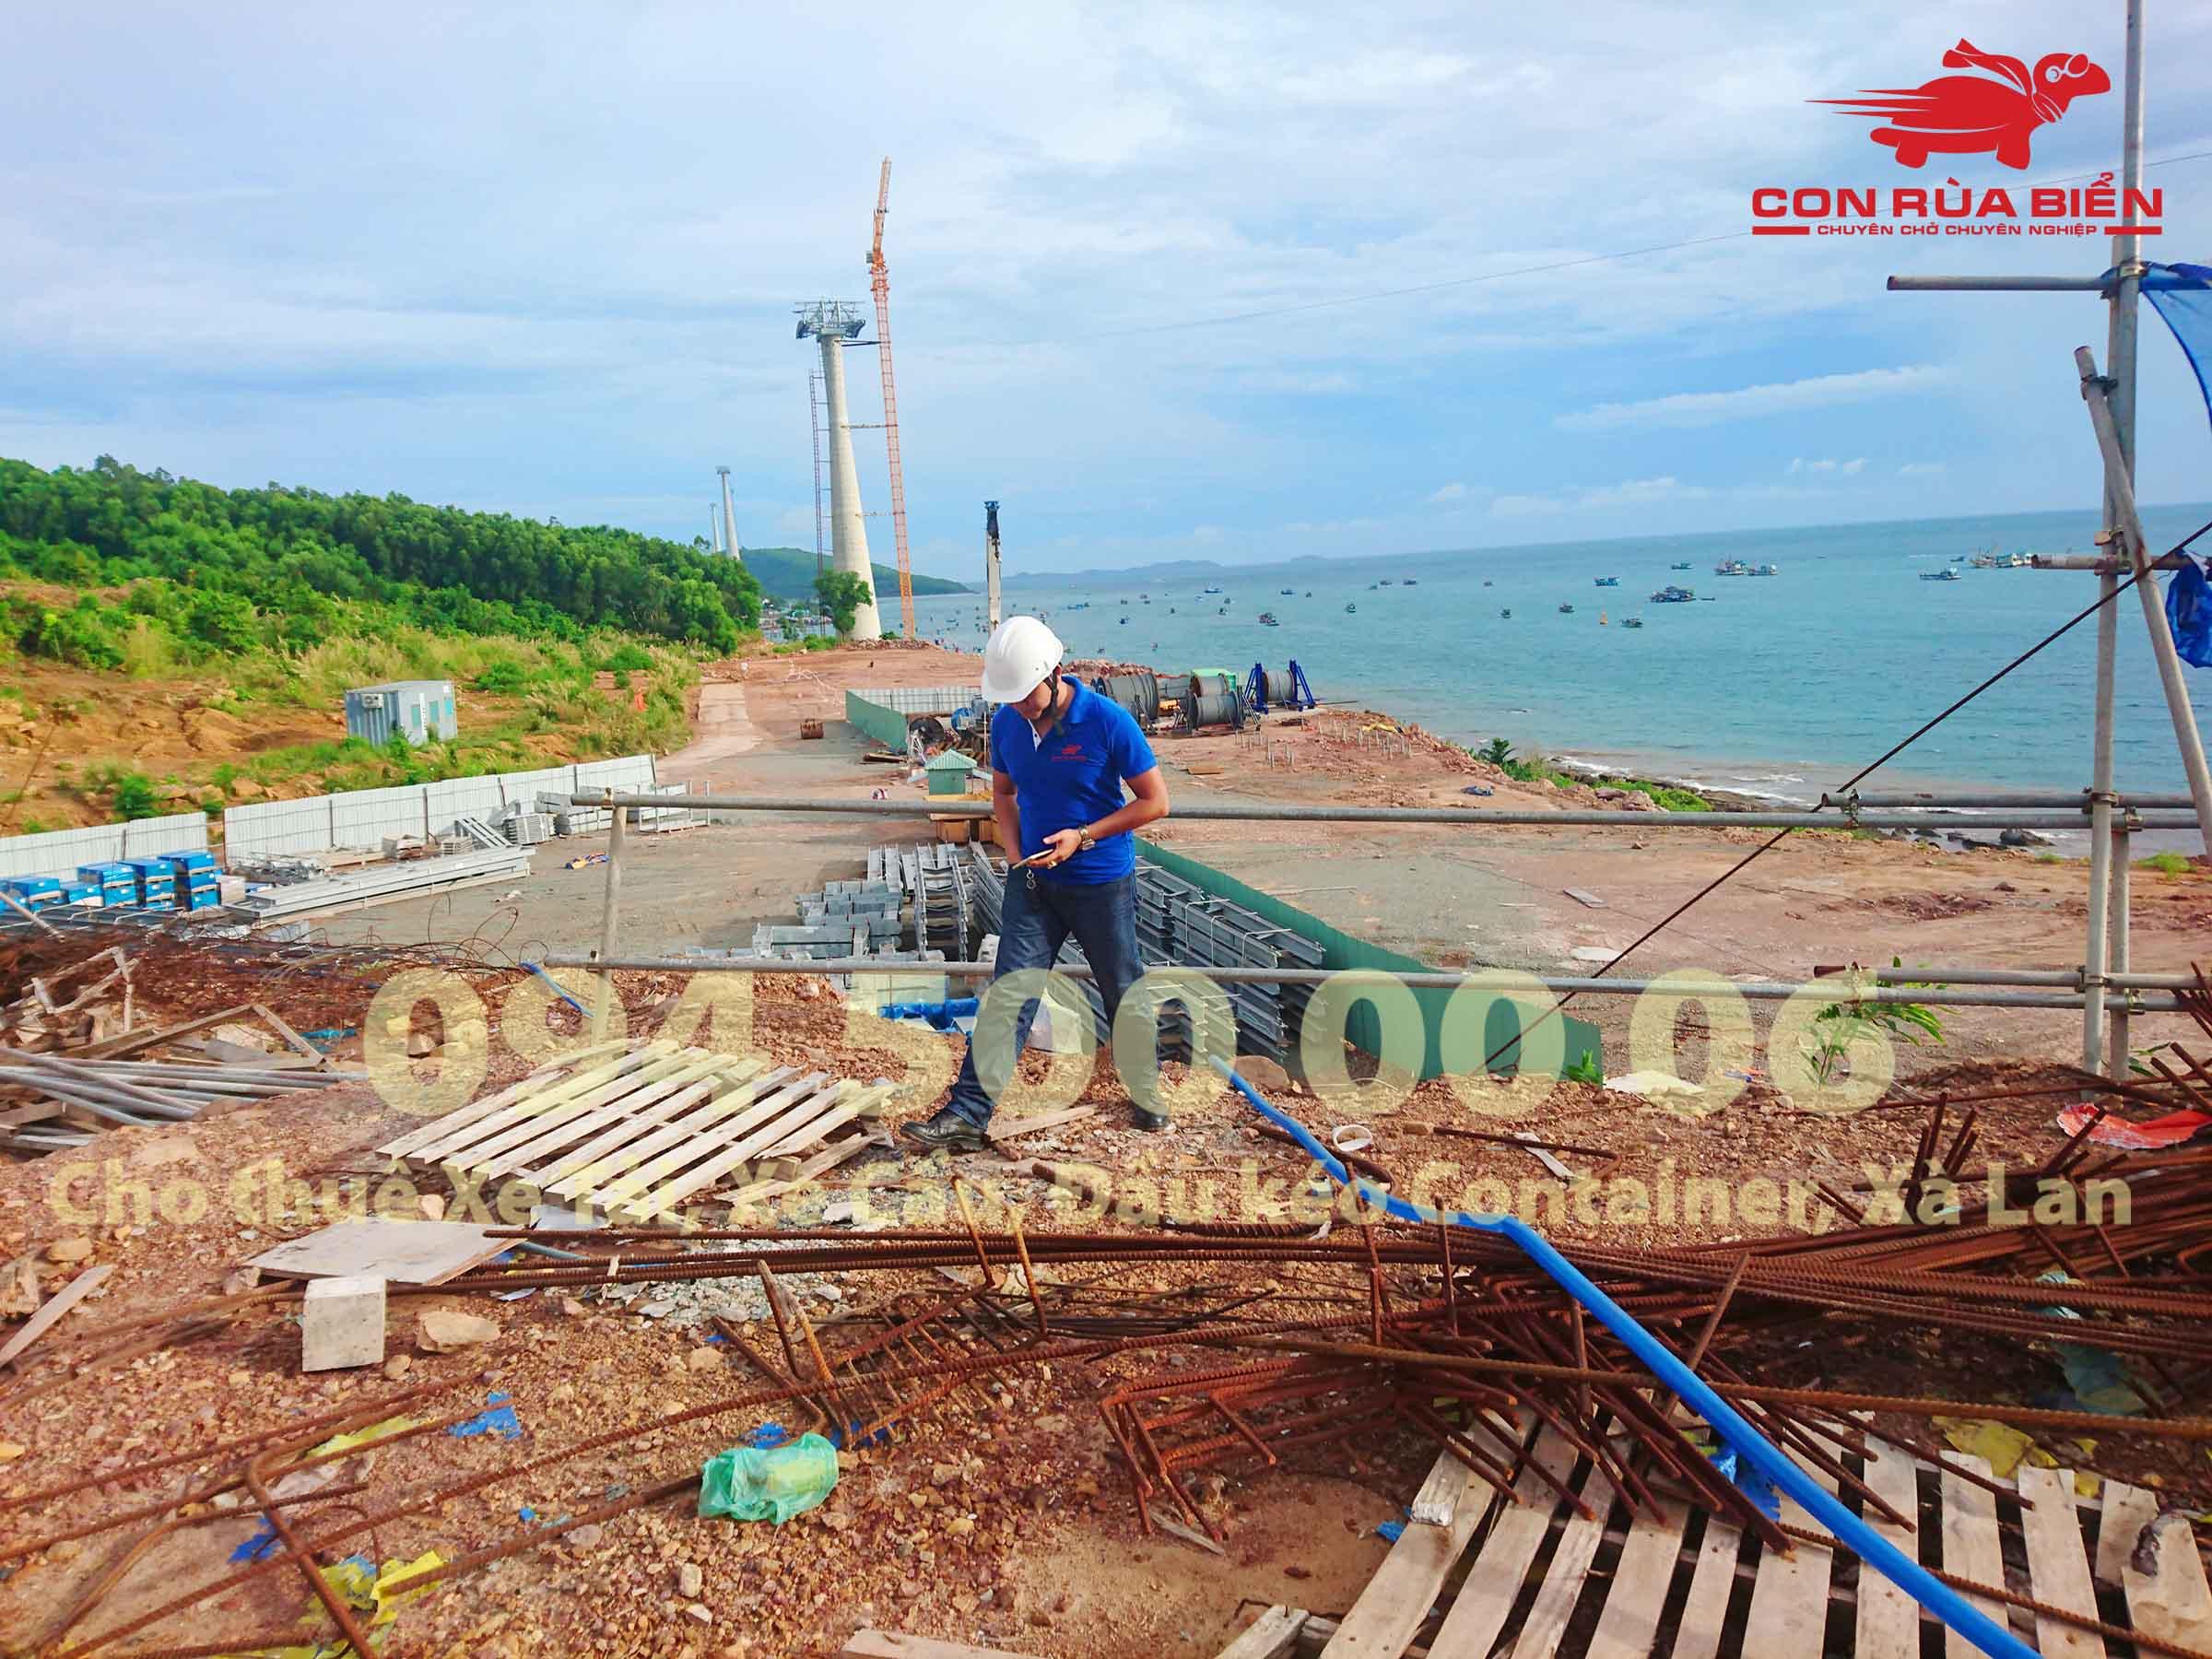 (Ảnh: Dự án vận chuyển Giàn Giáo công trình đi Phú Quốc - Chành xe Phú Quốc - Con Rùa Biển; trong ảnh là cảnh đẹp của công trình Cáp Treo Ga Đi Tại An Thới Phú Quốc trong giai đoạn đang thi công dự án)